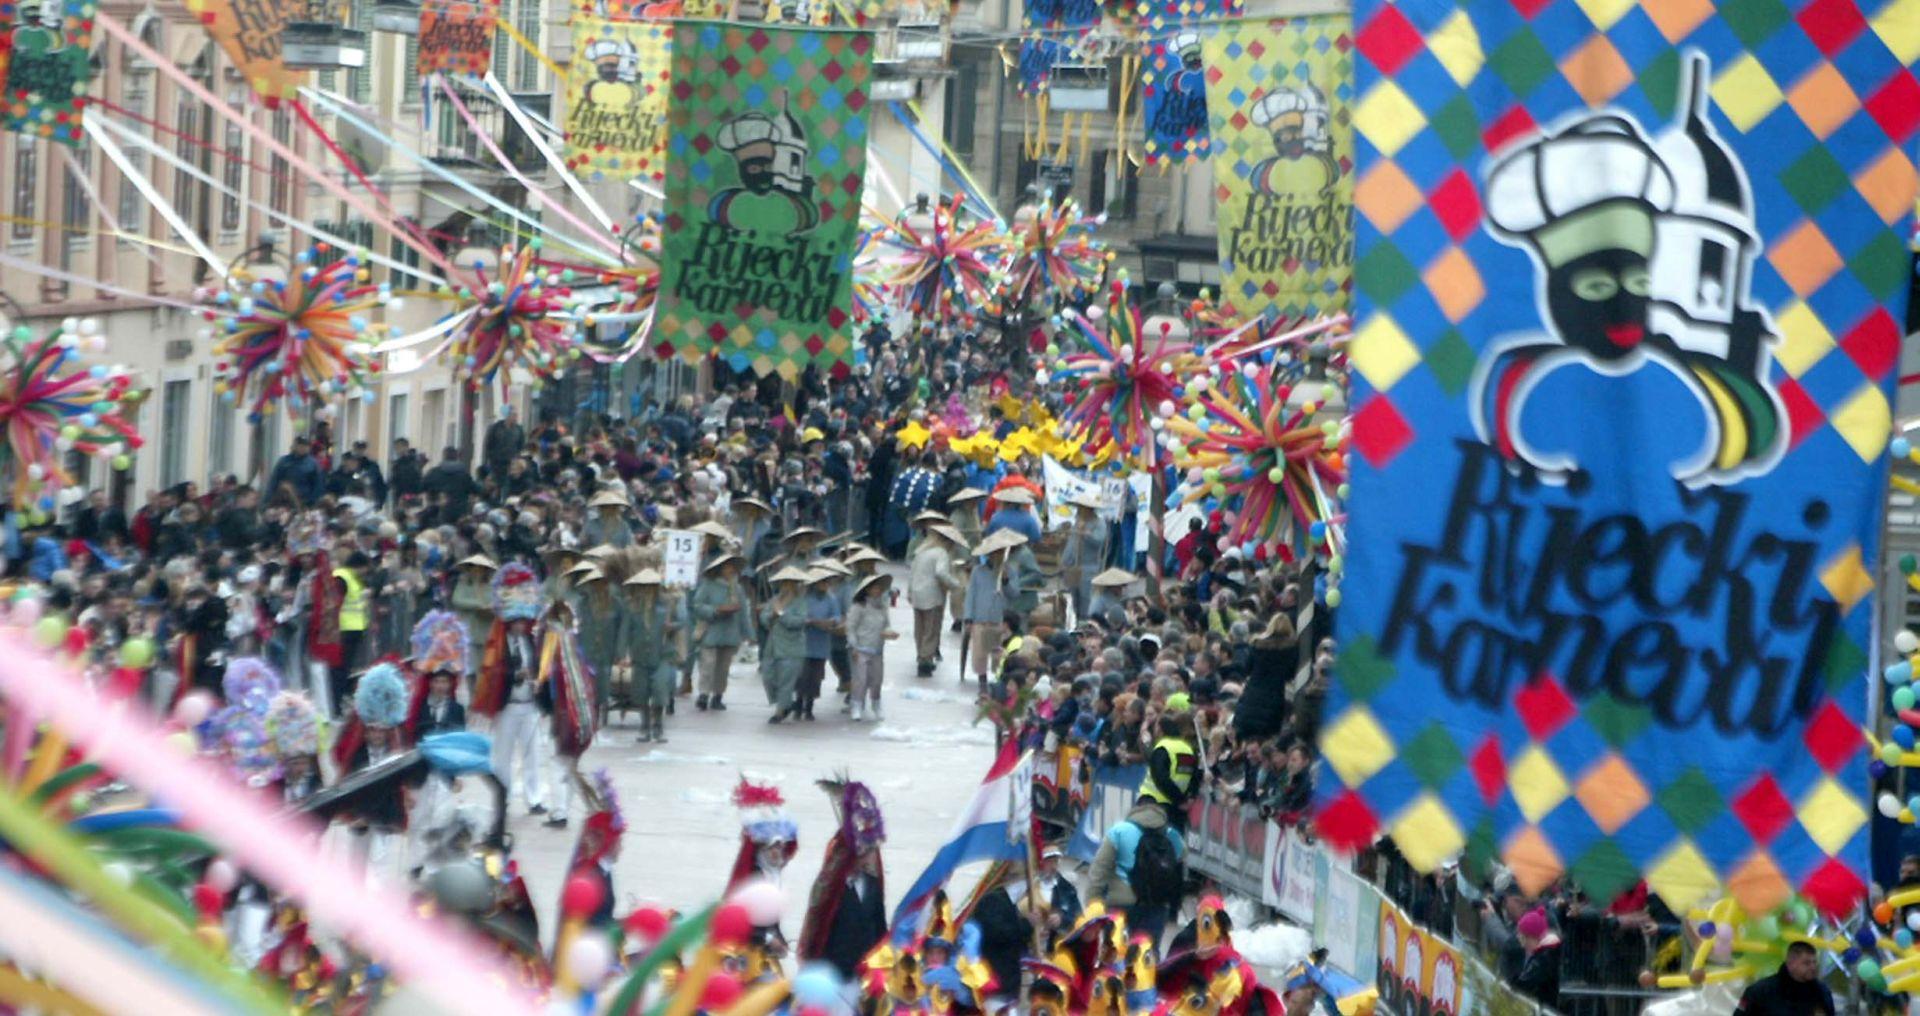 Oko 10 tisuća maškara u riječkoj 33. međunarodnoj karnevalskoj povorci